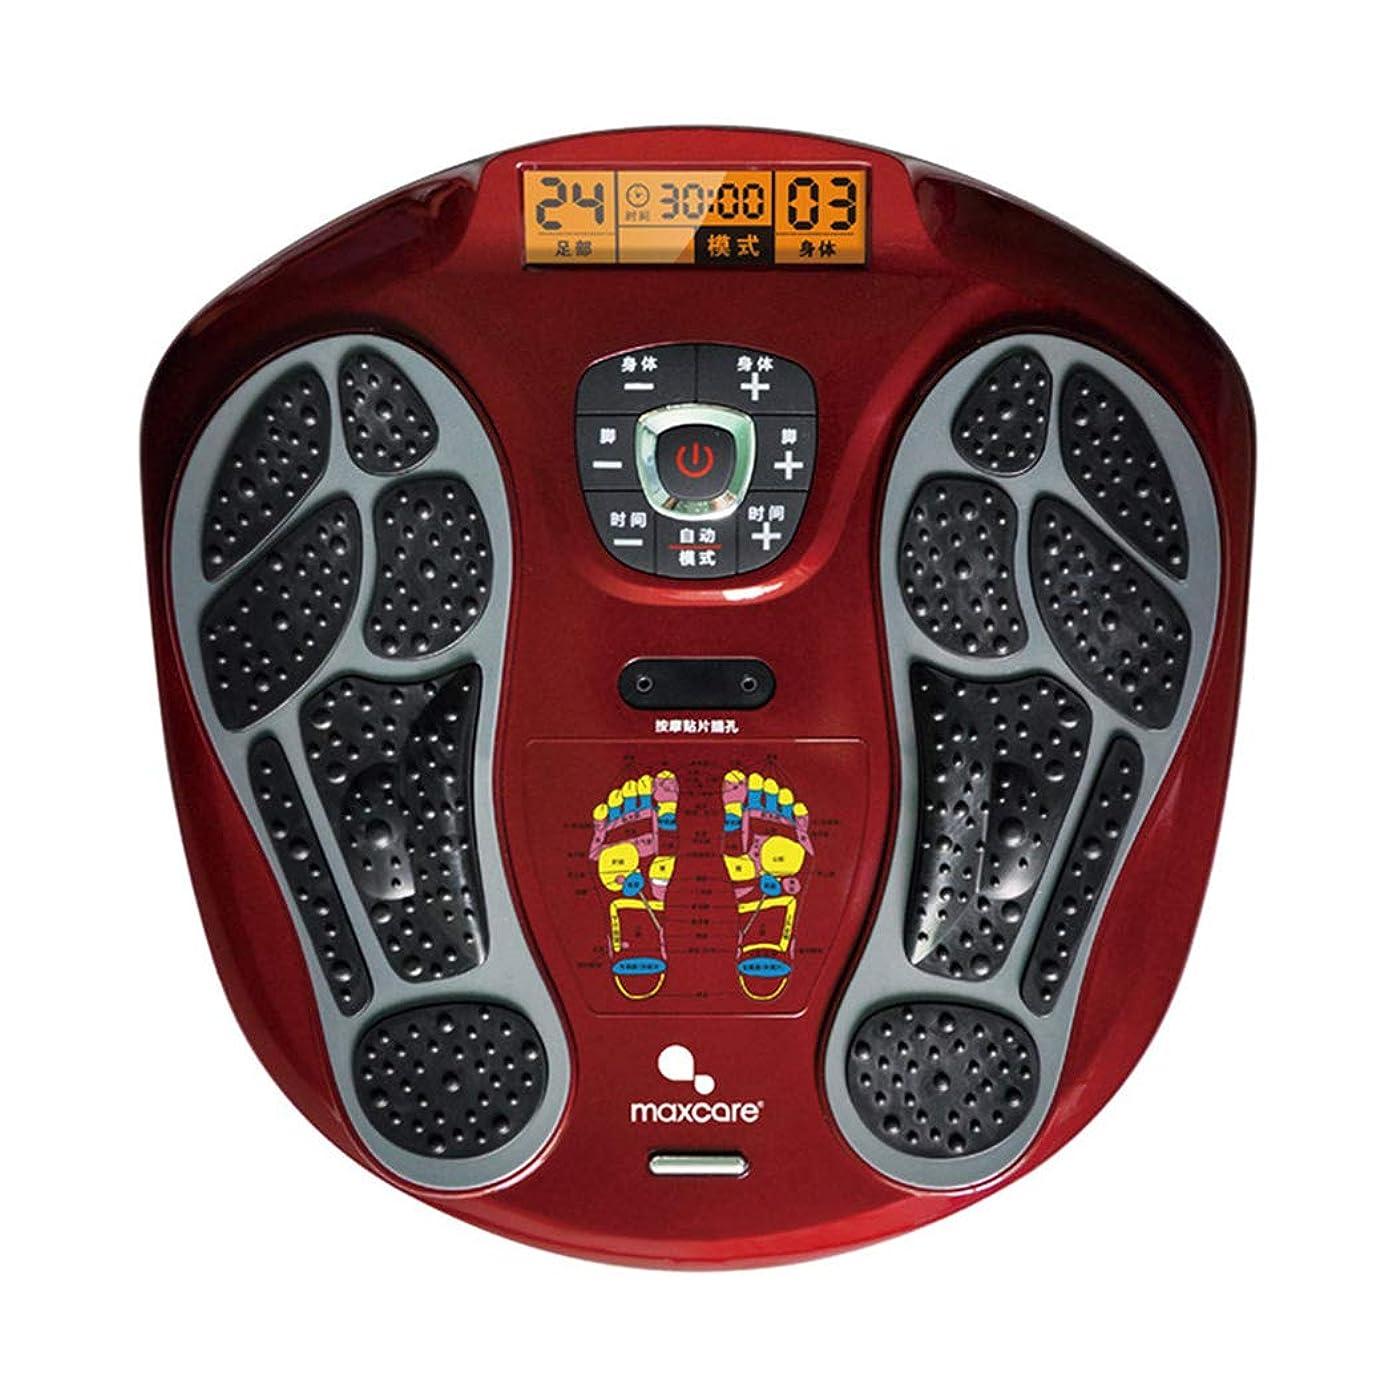 出力港センター電気 家族のフットマッサージャー、15のマッサージテクニック、足の足底筋膜炎疲れた足に最適、慢性、神経障害、および神経痛 人間工学的デザイン